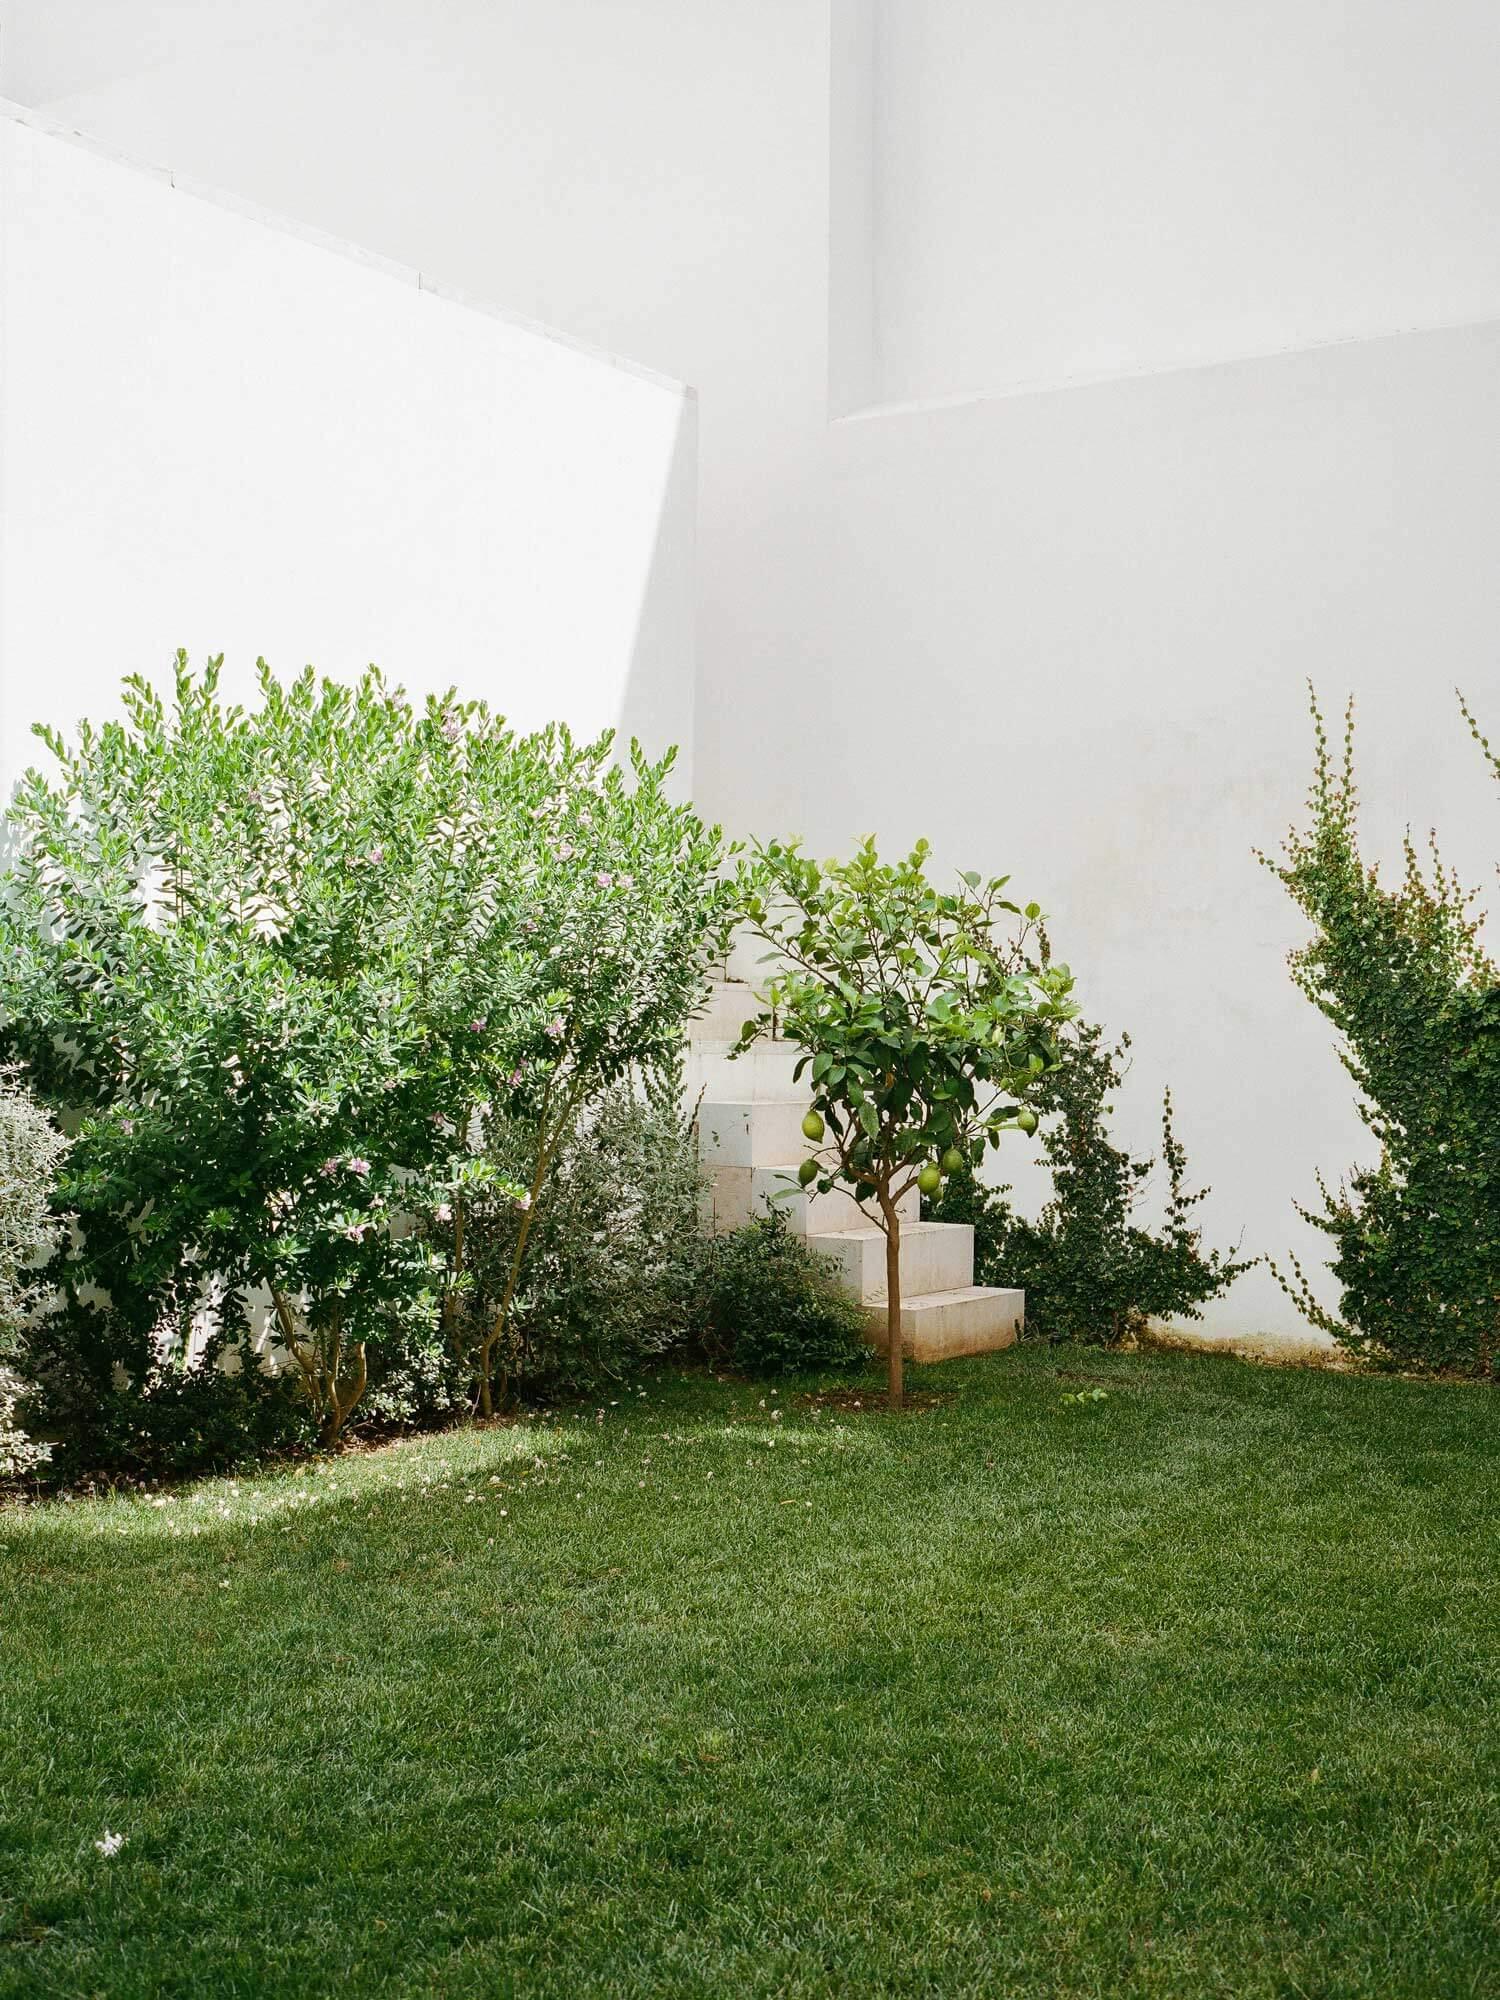 Design; Garden Space